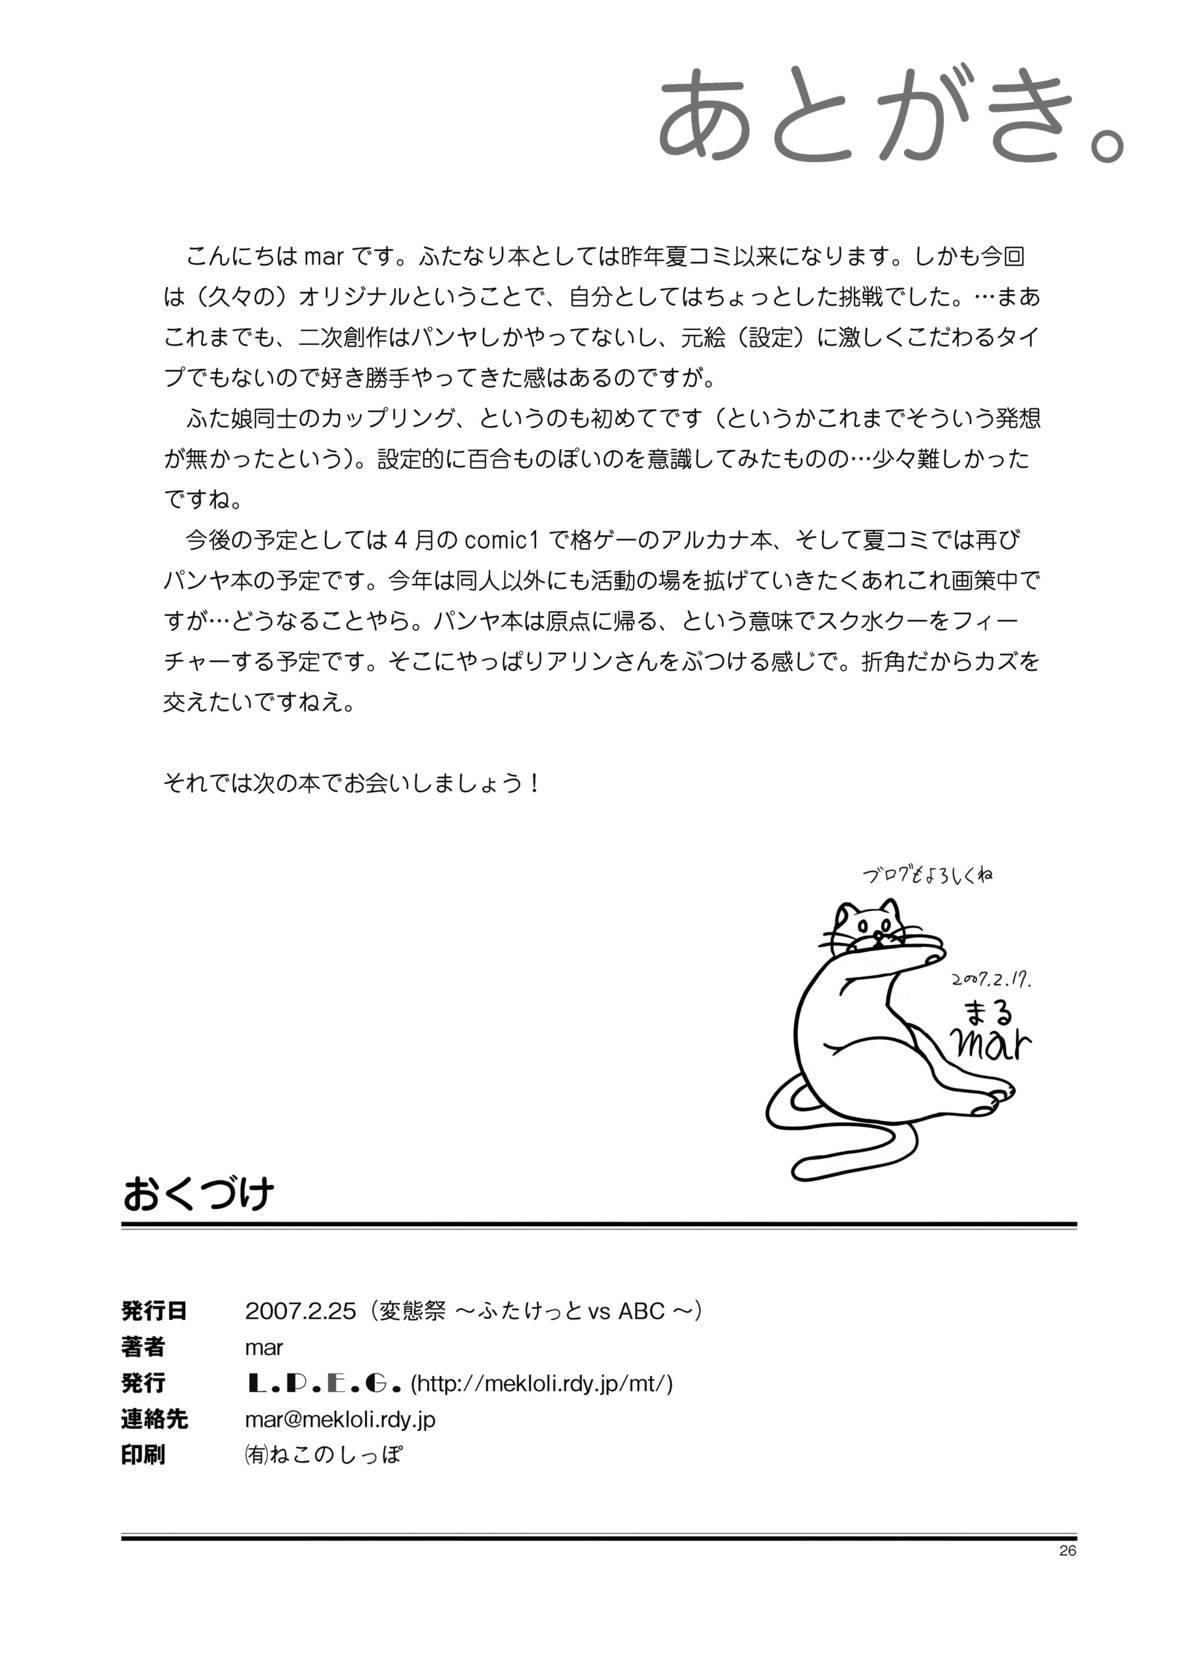 Natsume no Shiori 24